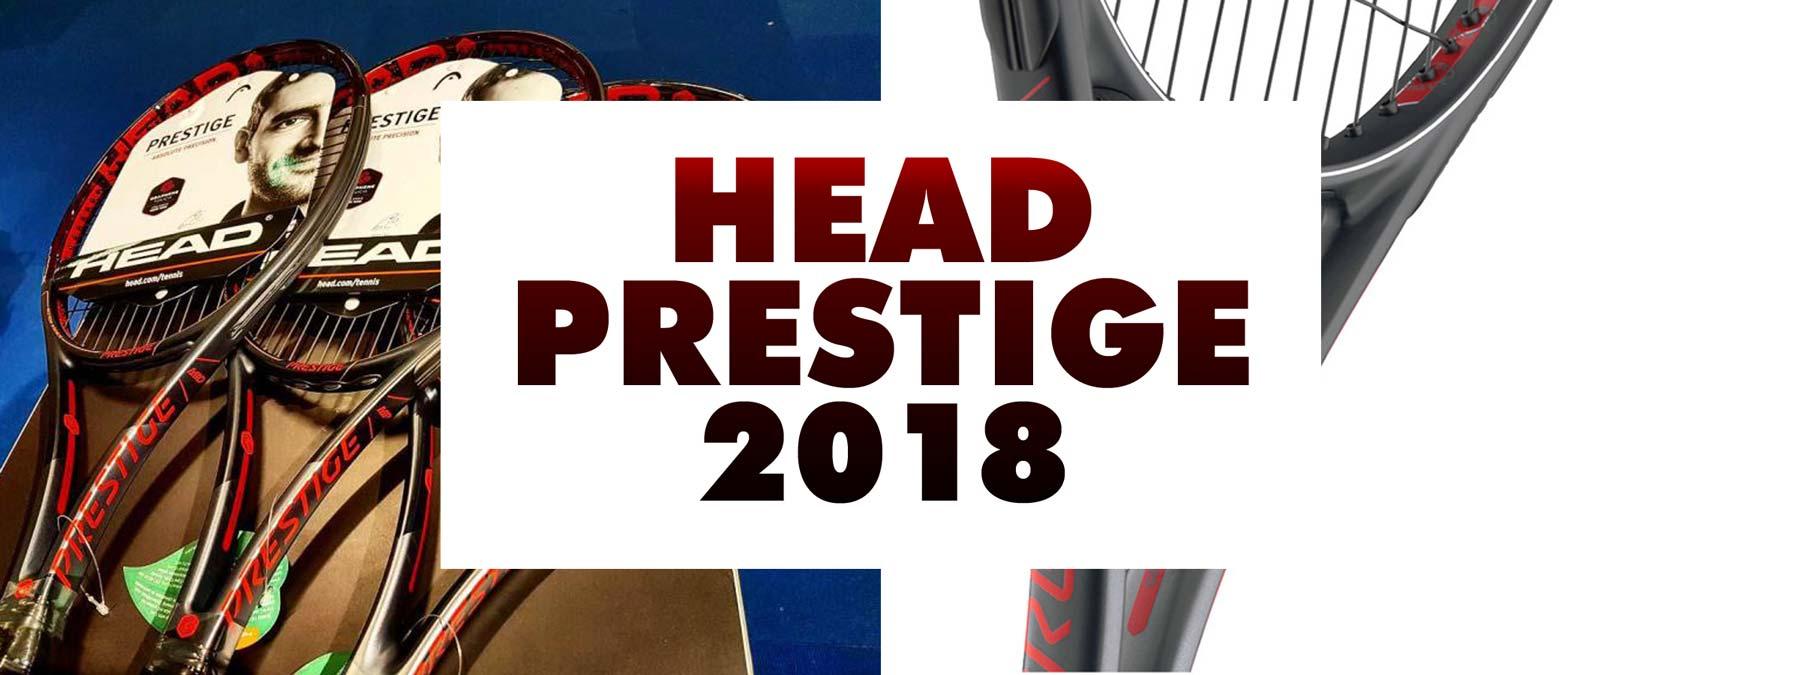 nouvelle head prestige